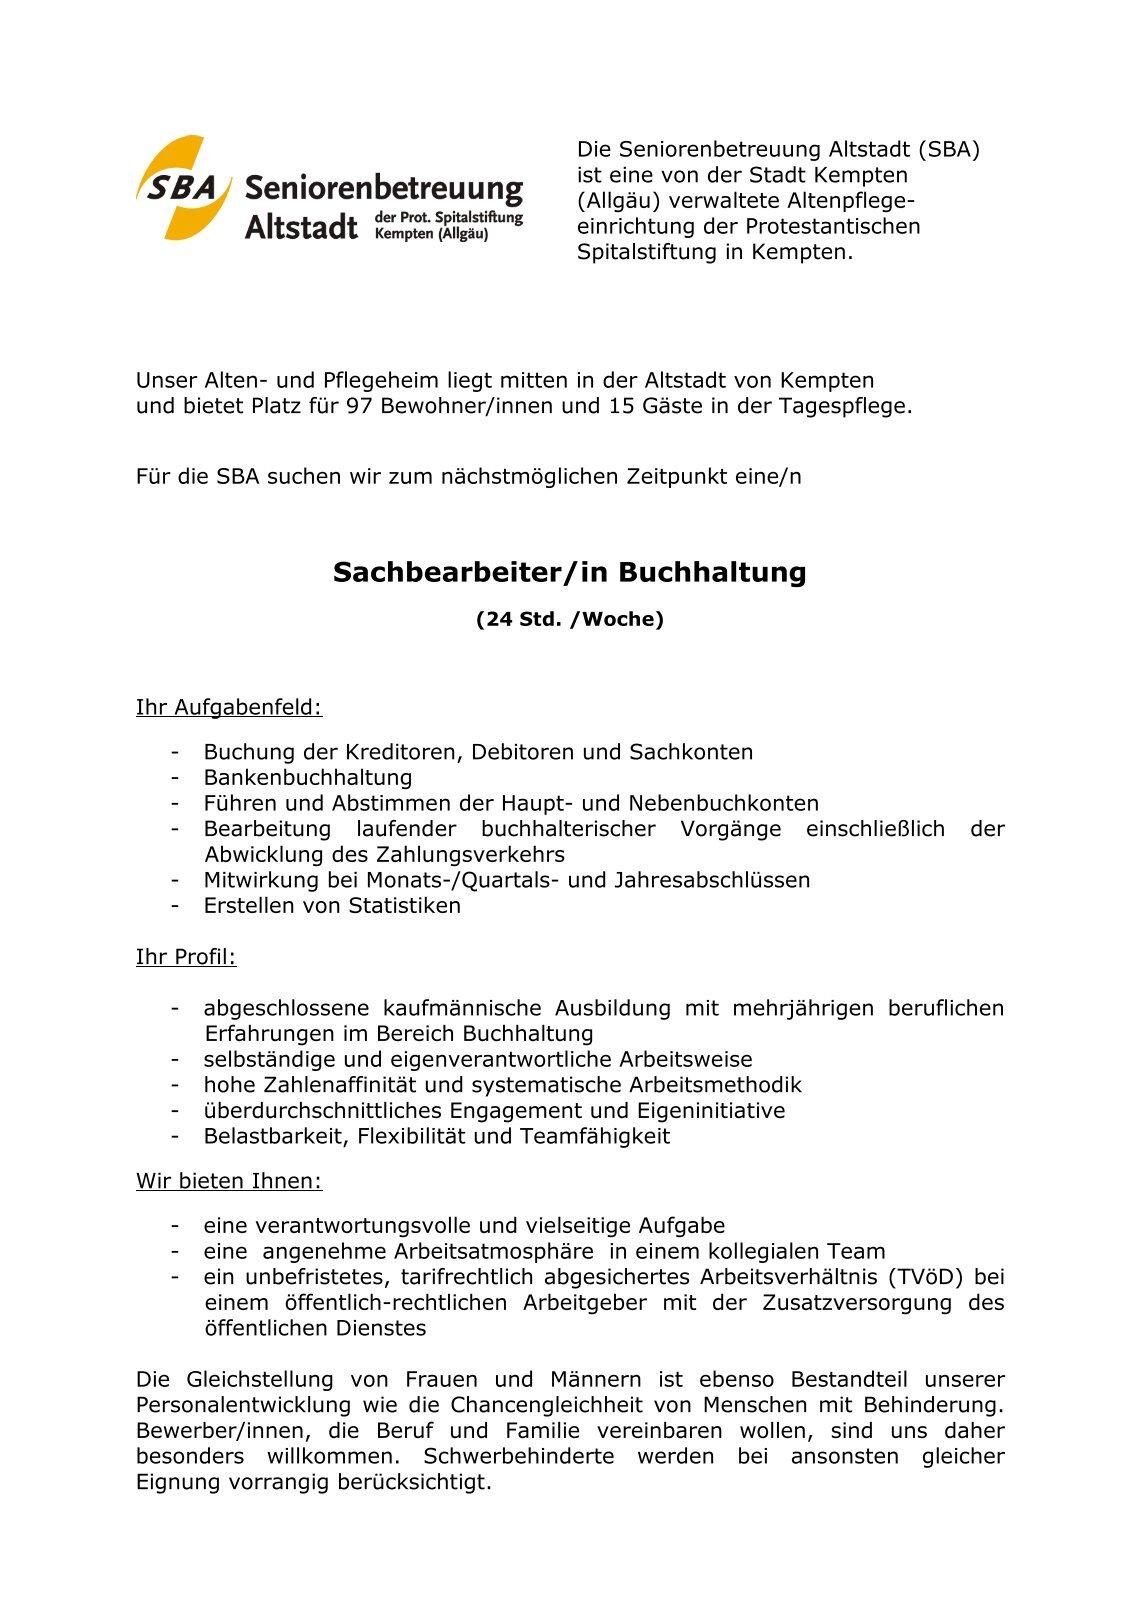 Ausgezeichnet Buchhalter Nimmt Proben Wieder Auf Bilder - Entry ...